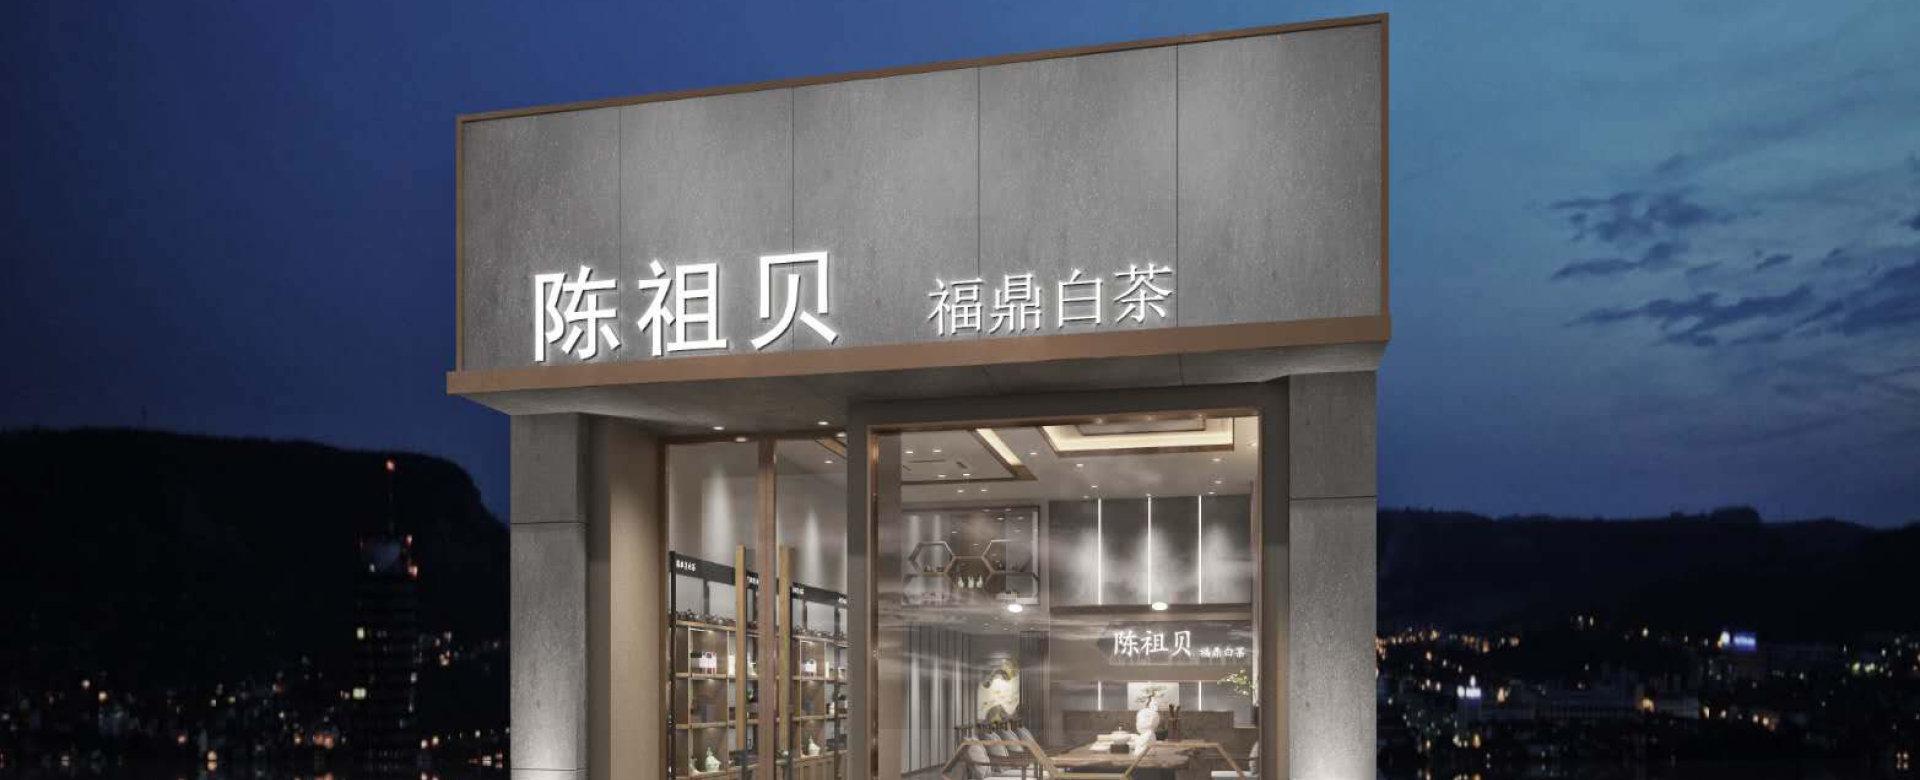 寧德陳祖貝白茶店